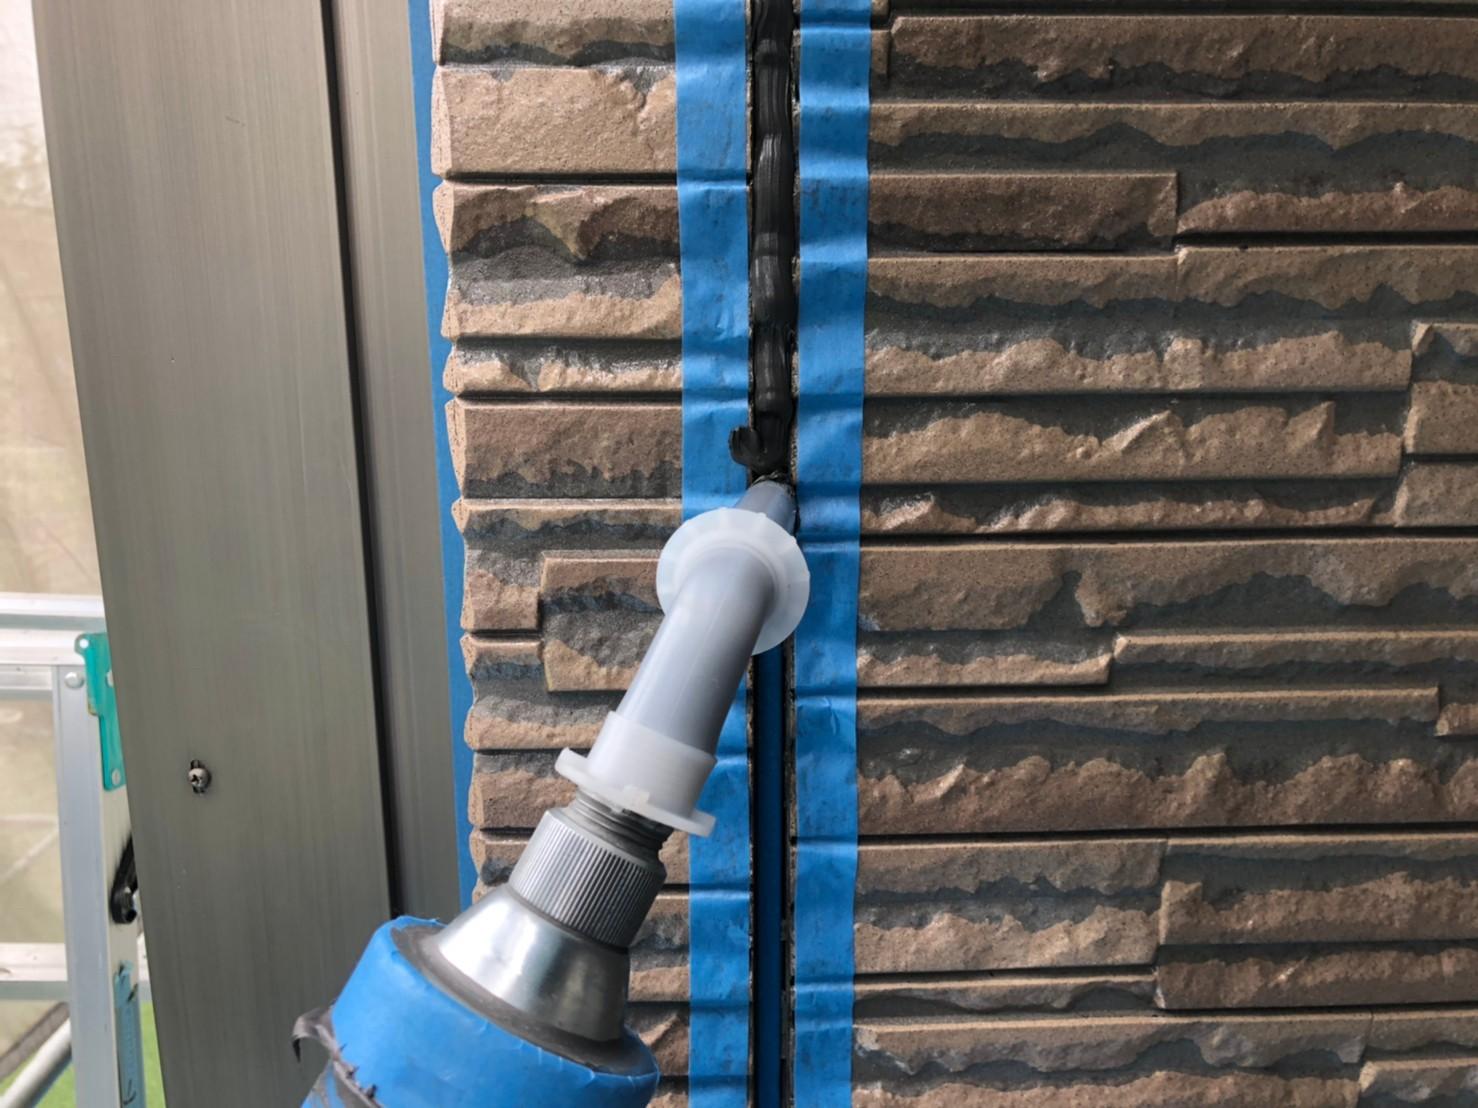 伊奈町外壁の劣化した目地シーリング打替え「オートンイクシード」充填作業